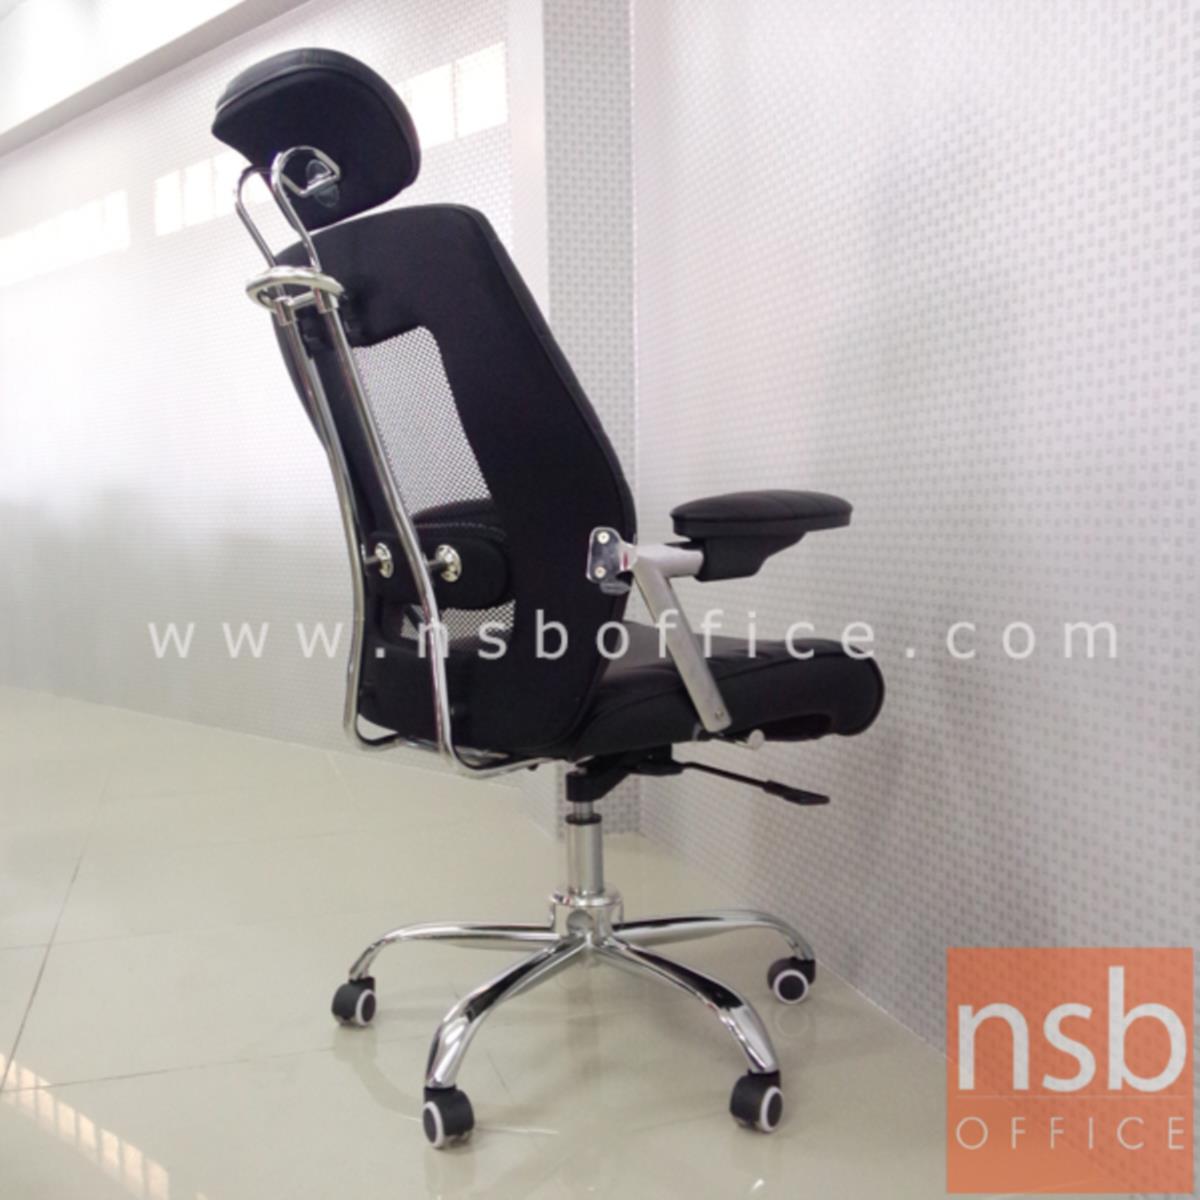 เก้าอี้ผู้บริหารหลังเน็ต รุ่น Wharton (วอร์ทัน)  โช๊คแก๊ส มีก้อนโยก ขาเหล็กชุบโครเมี่ยม